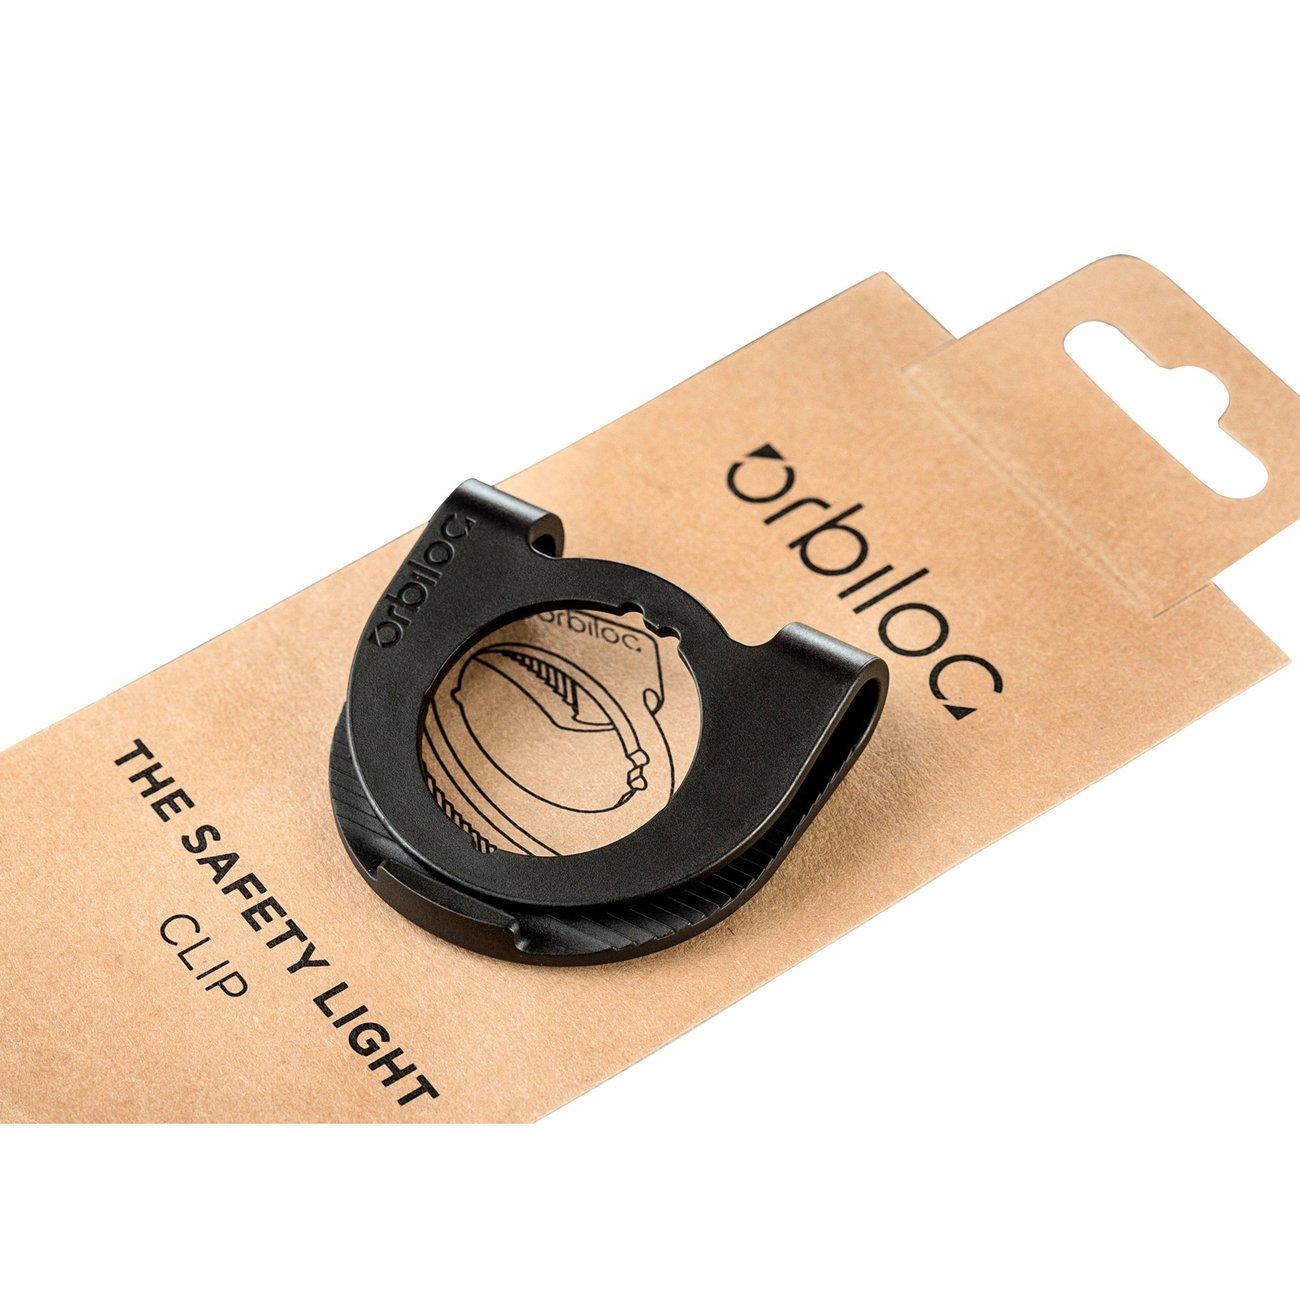 Orbiloc Safety Light Ersatzteile und Zubehör, Bild 15